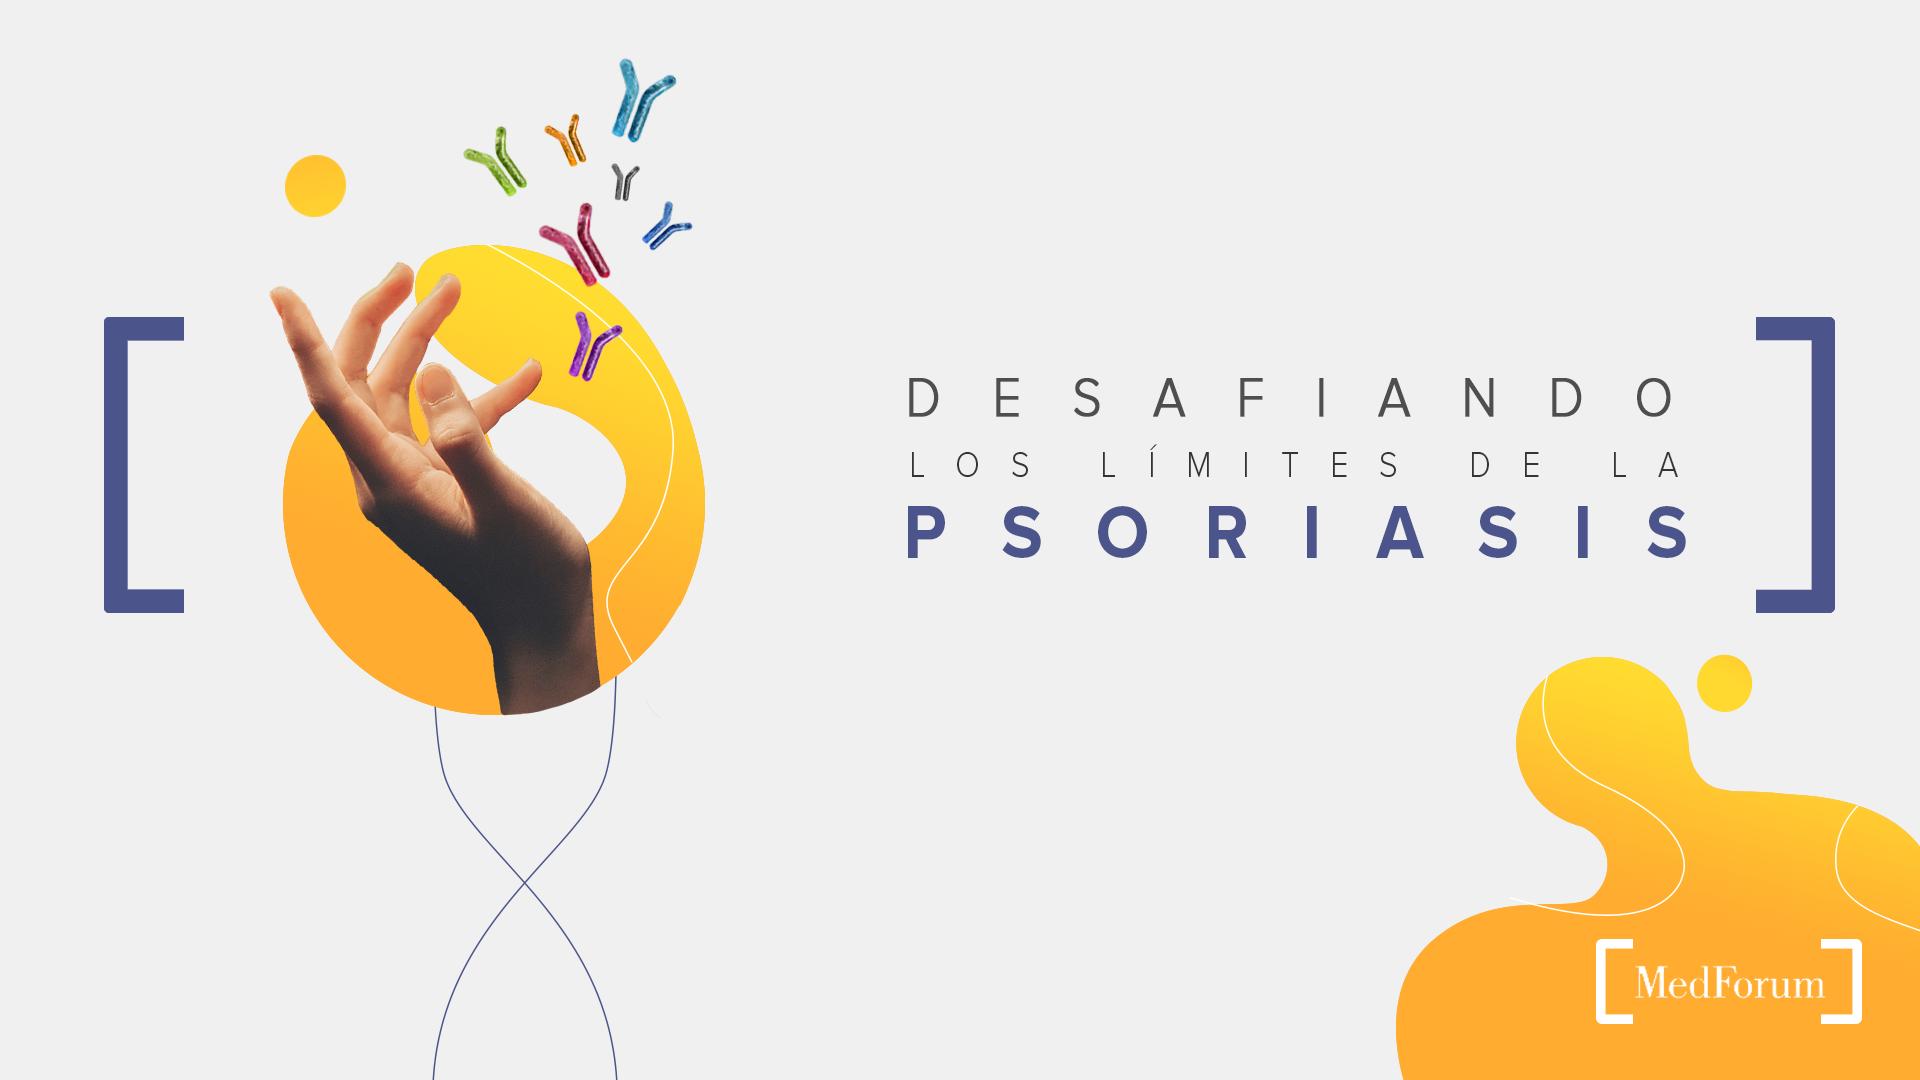 Una visión al futuro en el tratamiento de la psoriasis